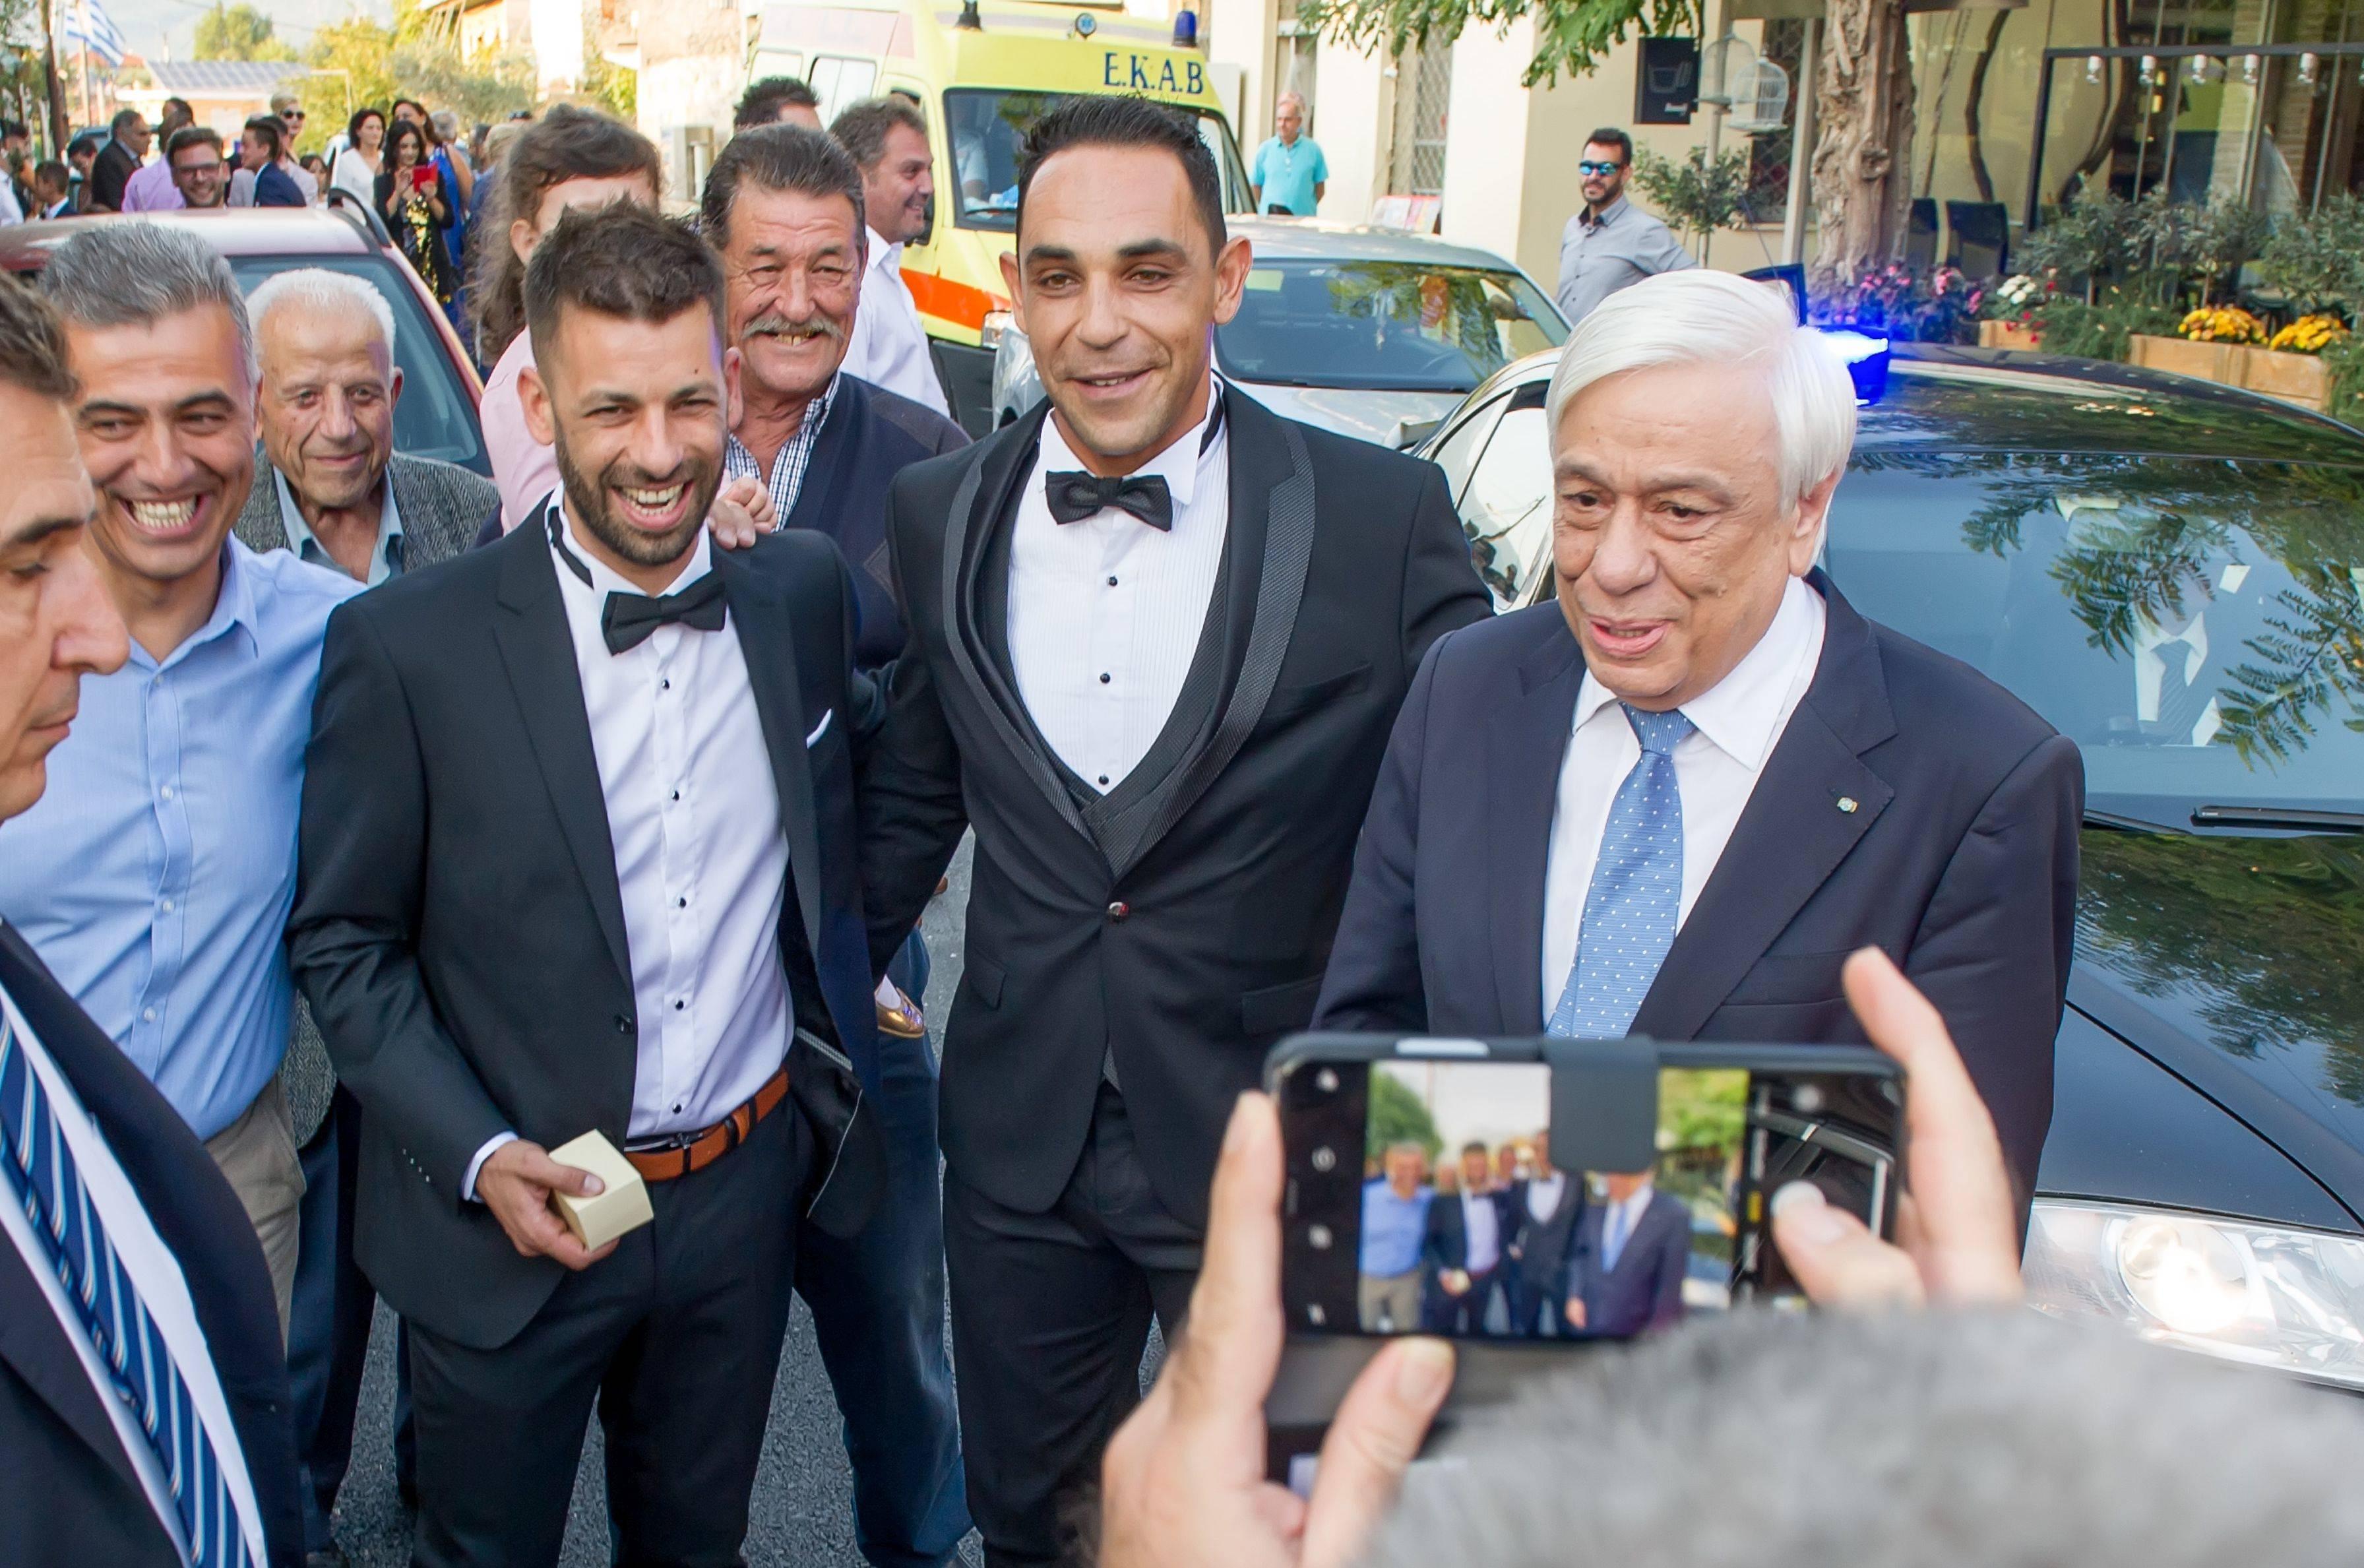 Ο Παυλόπουλος σταμάτησε την αυτοκινητοπομπή του για να ευχηθεί σε γαμπρό